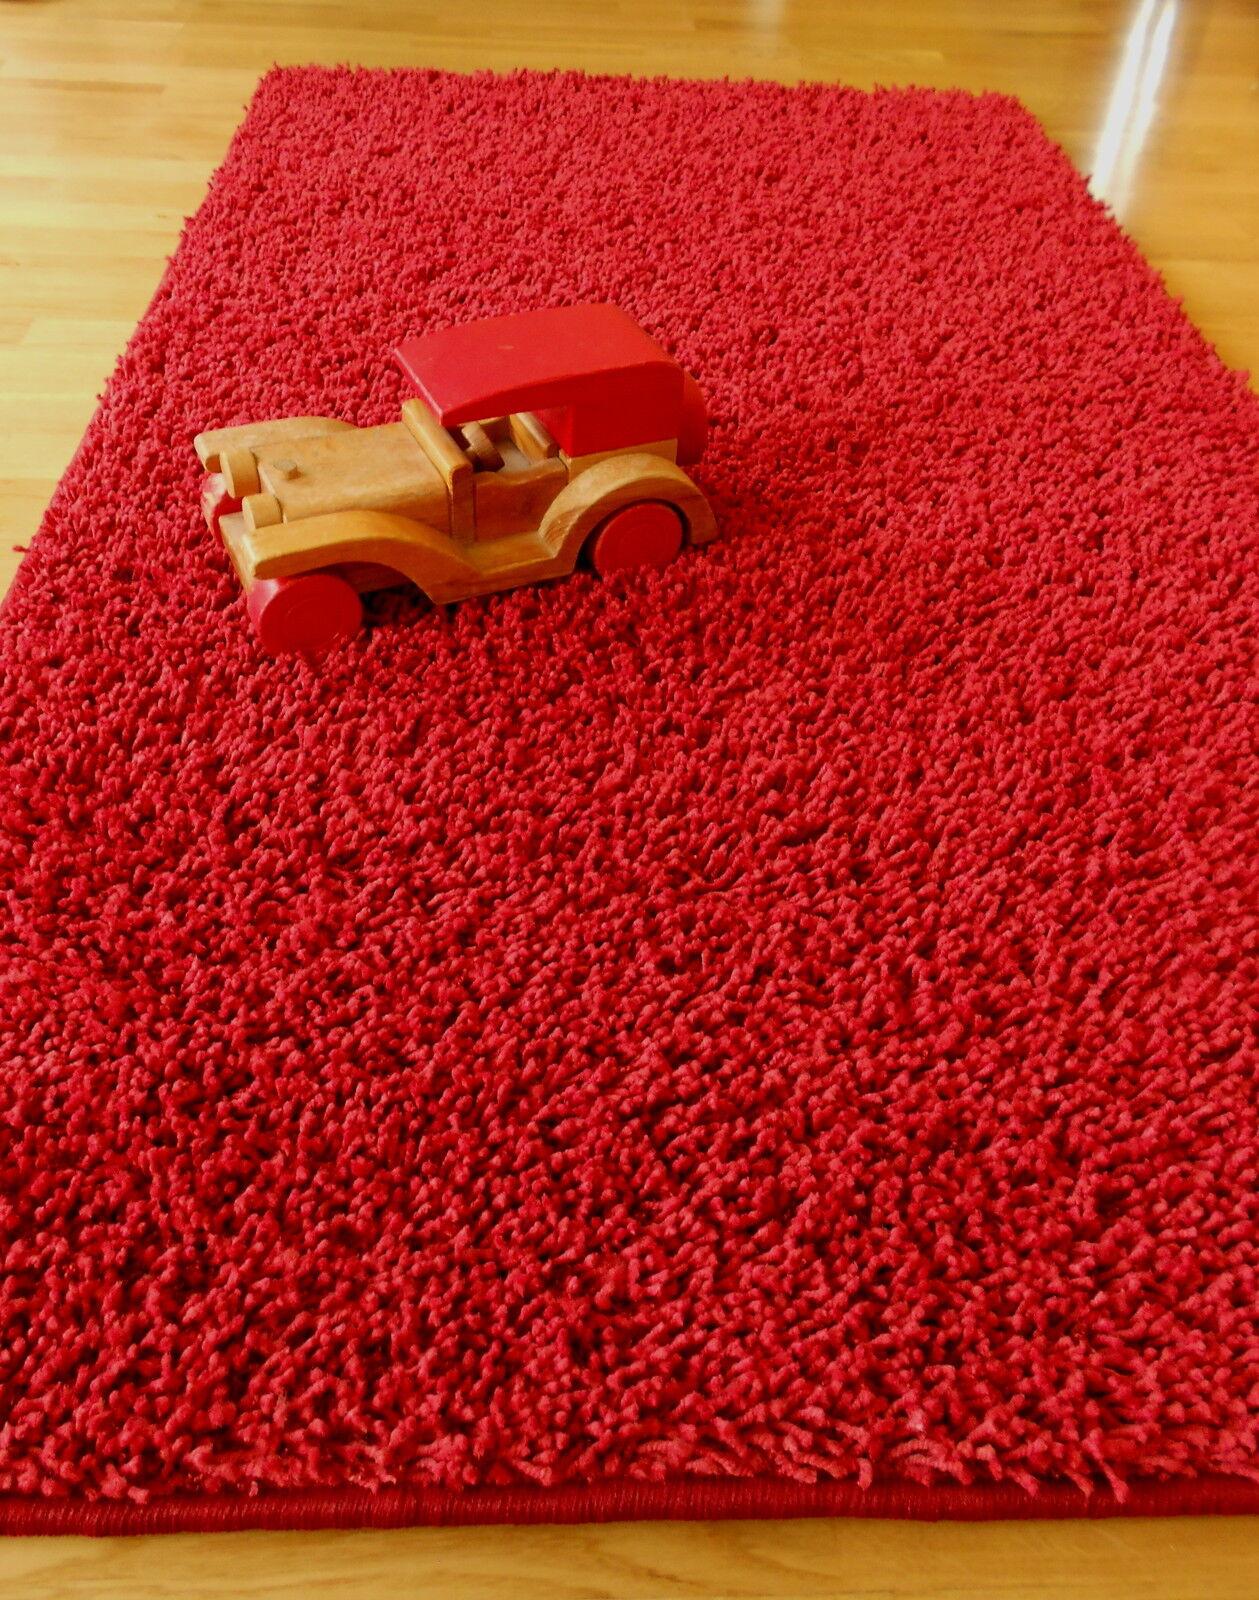 artikel im kettel werkstatt shop bei ebay. Black Bedroom Furniture Sets. Home Design Ideas